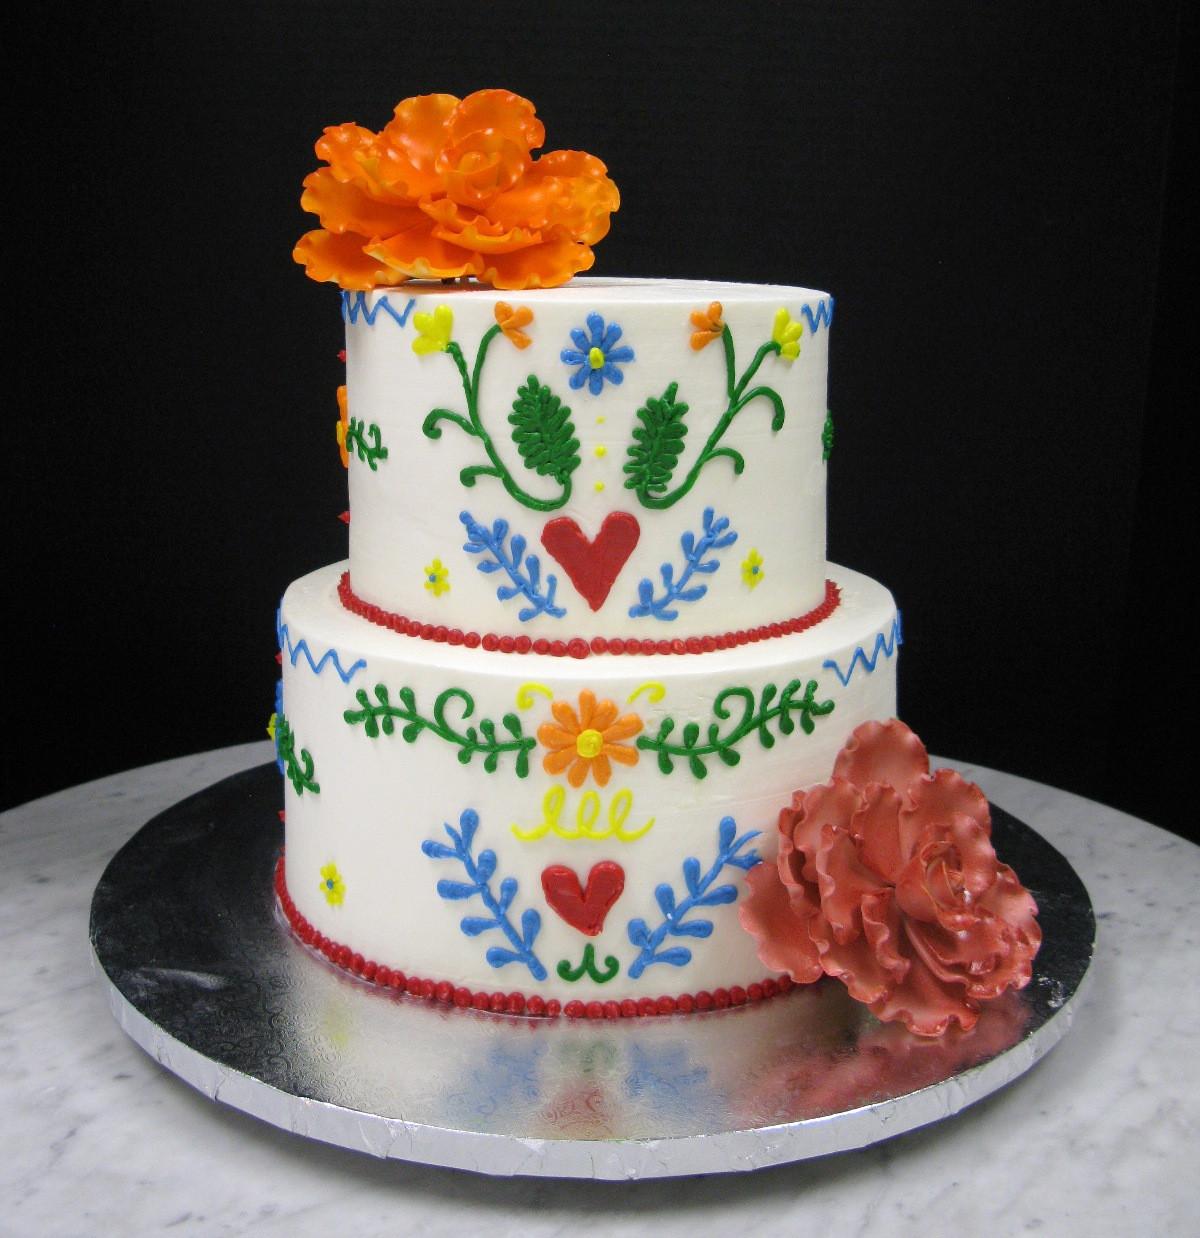 Mexican Wedding Cakes Allrecipes  mexican wedding cakes Wedding Decor Ideas